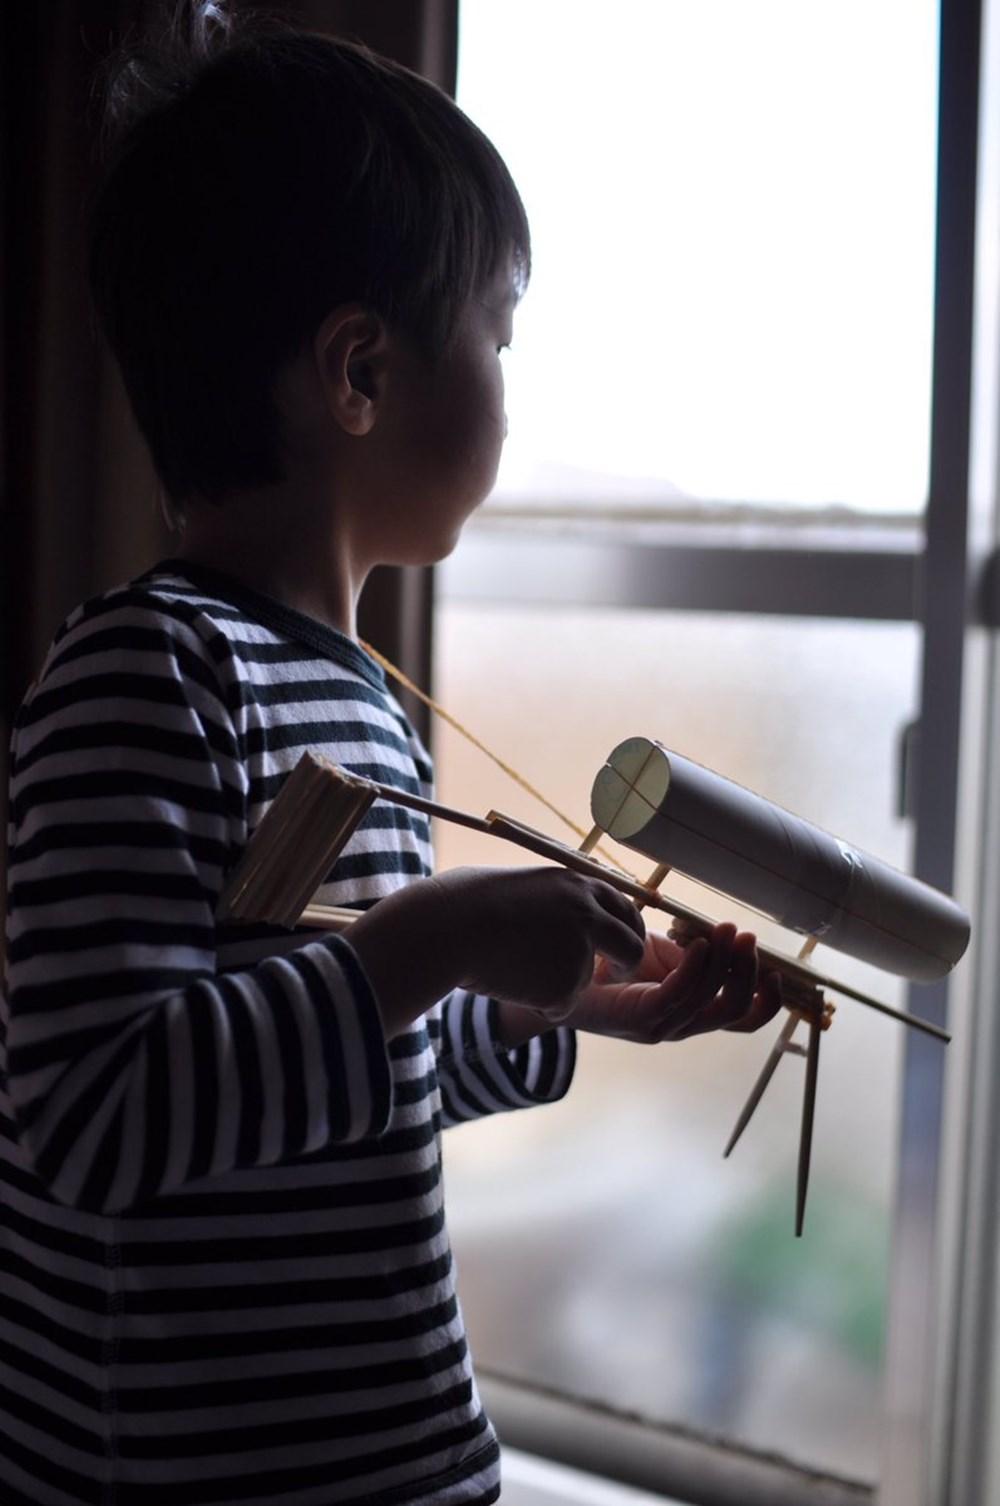 想像してた割りばし鉄砲と違う…クオリティが上がる母の鉄砲と息子のゴルゴ感に笑う